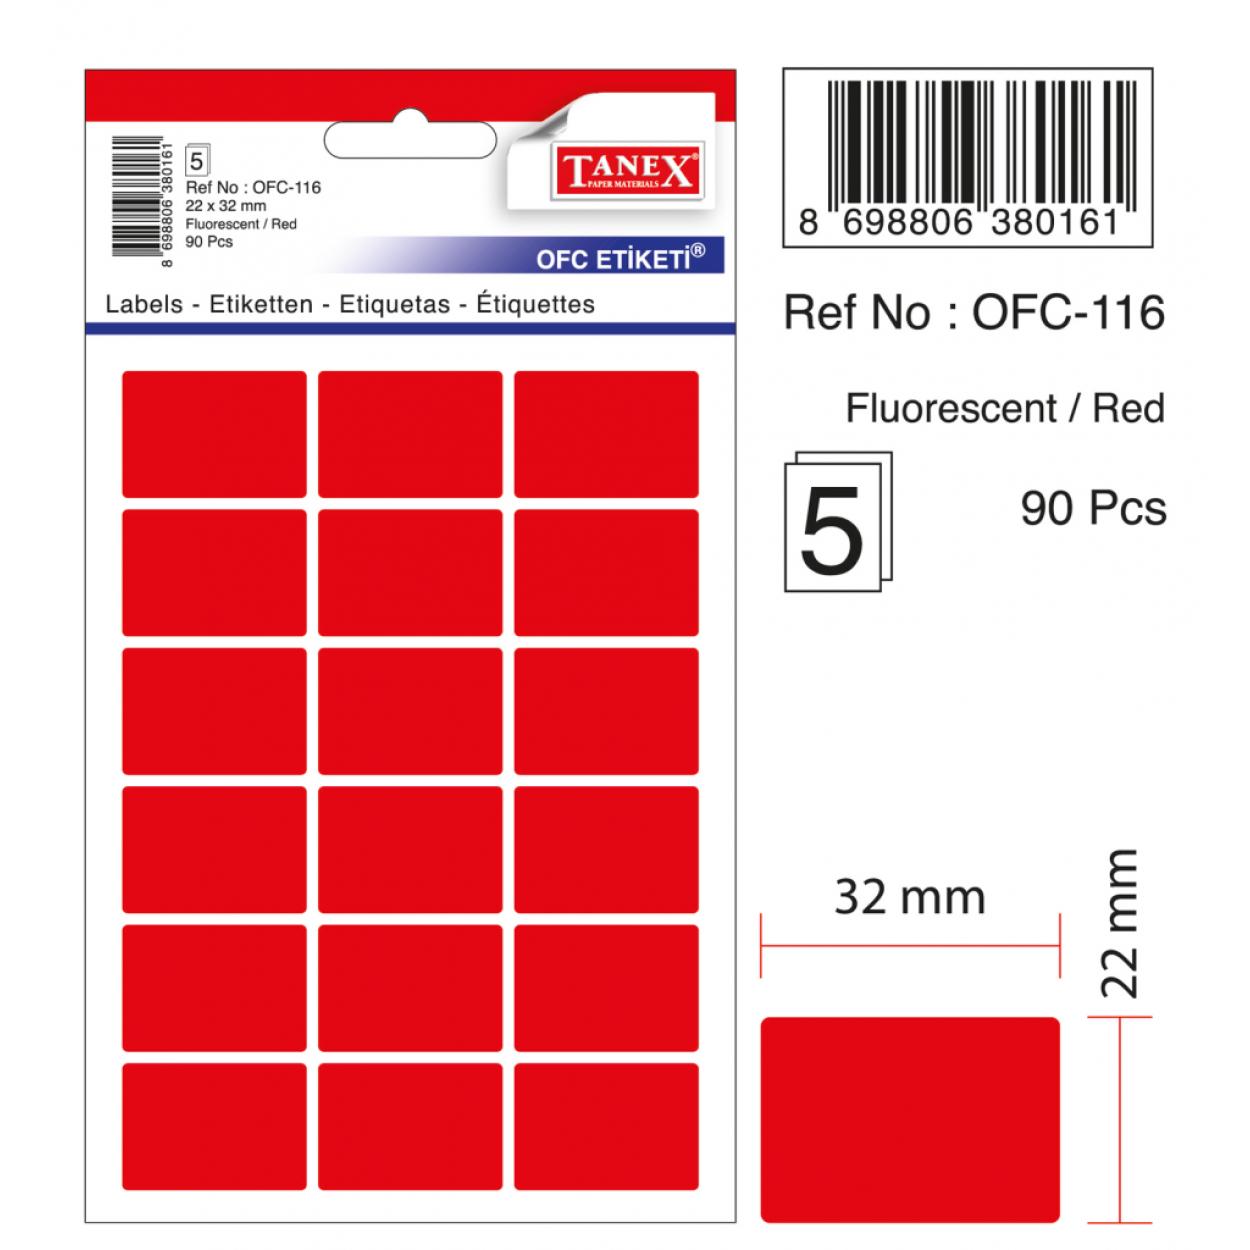 Tanex Ofc-116 Flo Kırmızı Ofis Etiketi